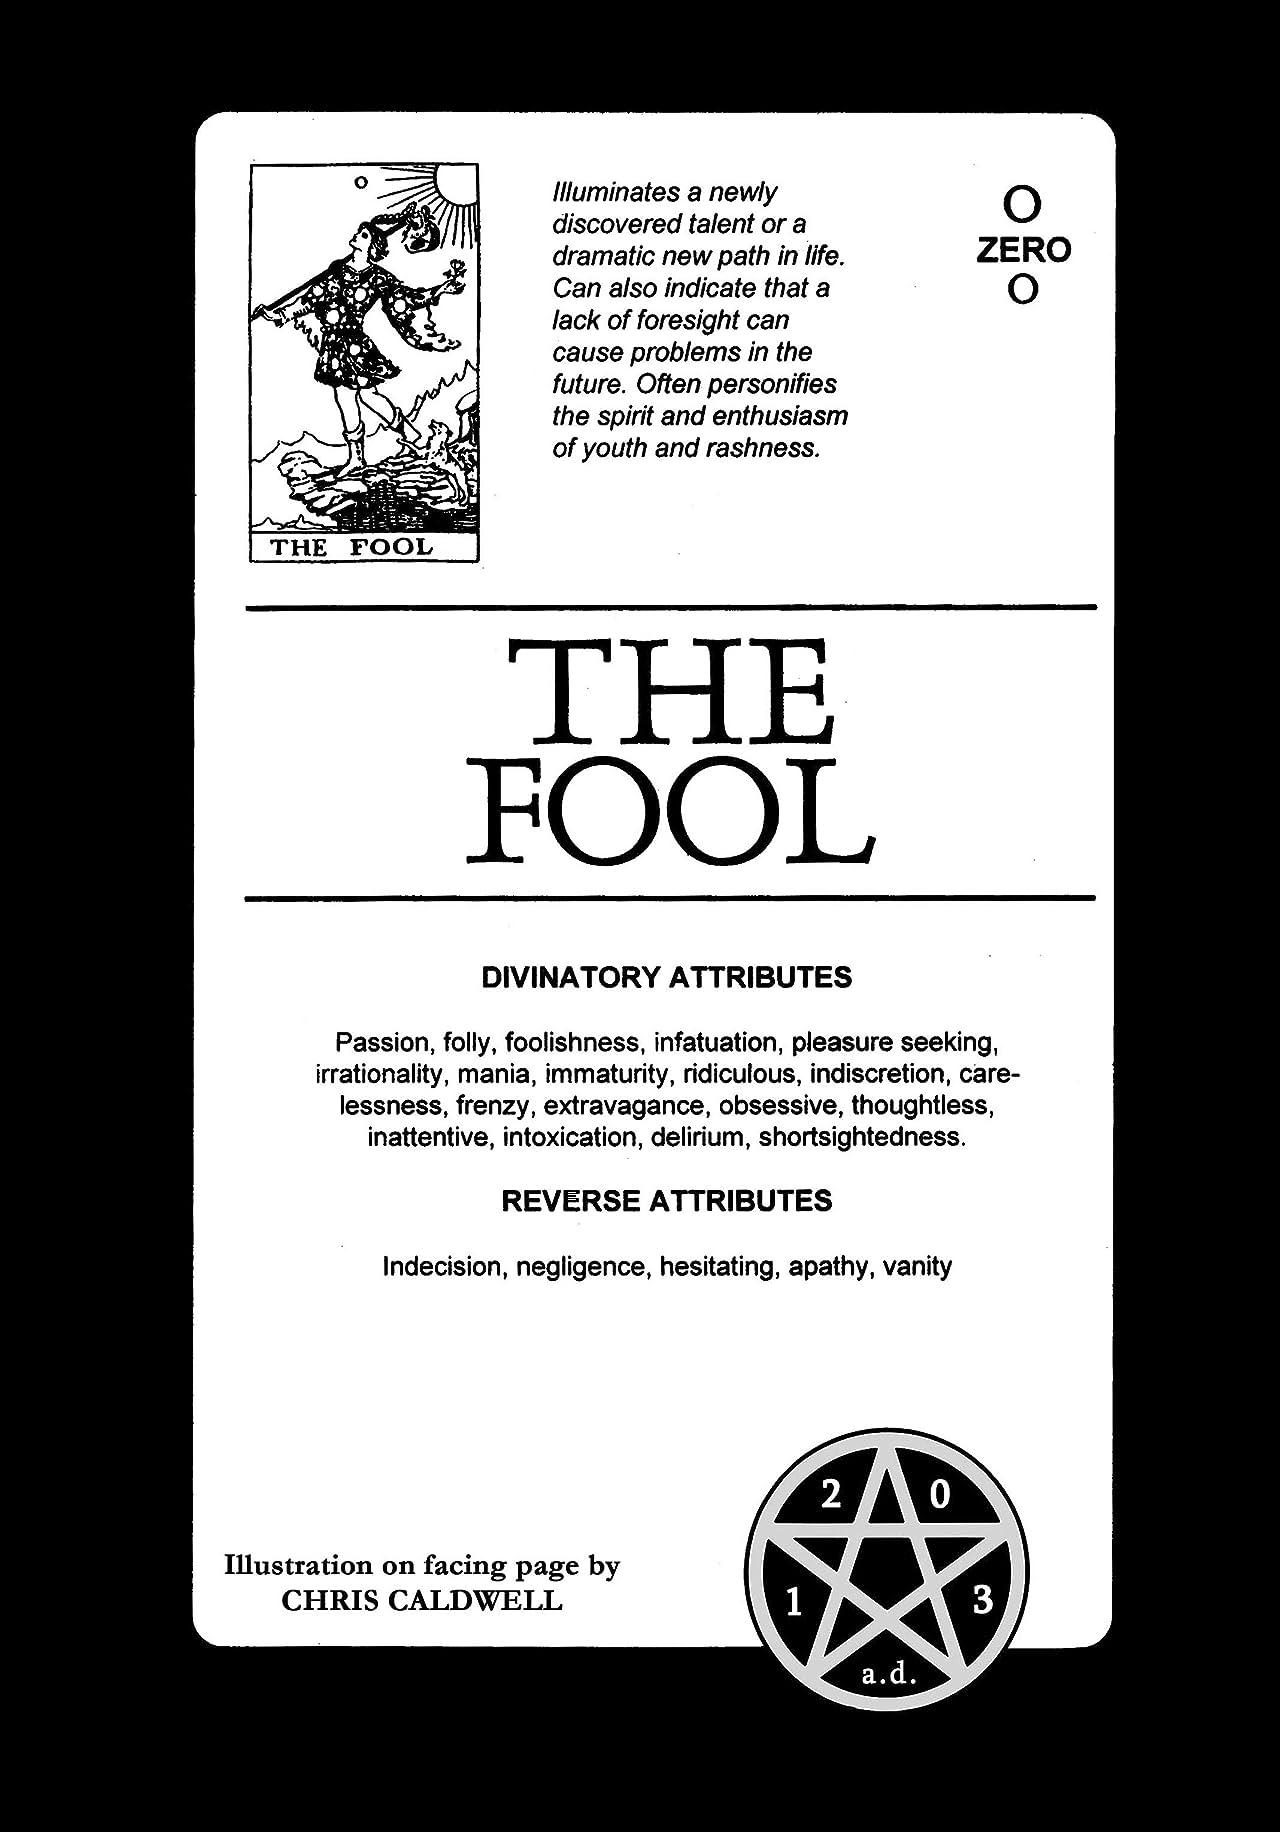 Book of the Tarot